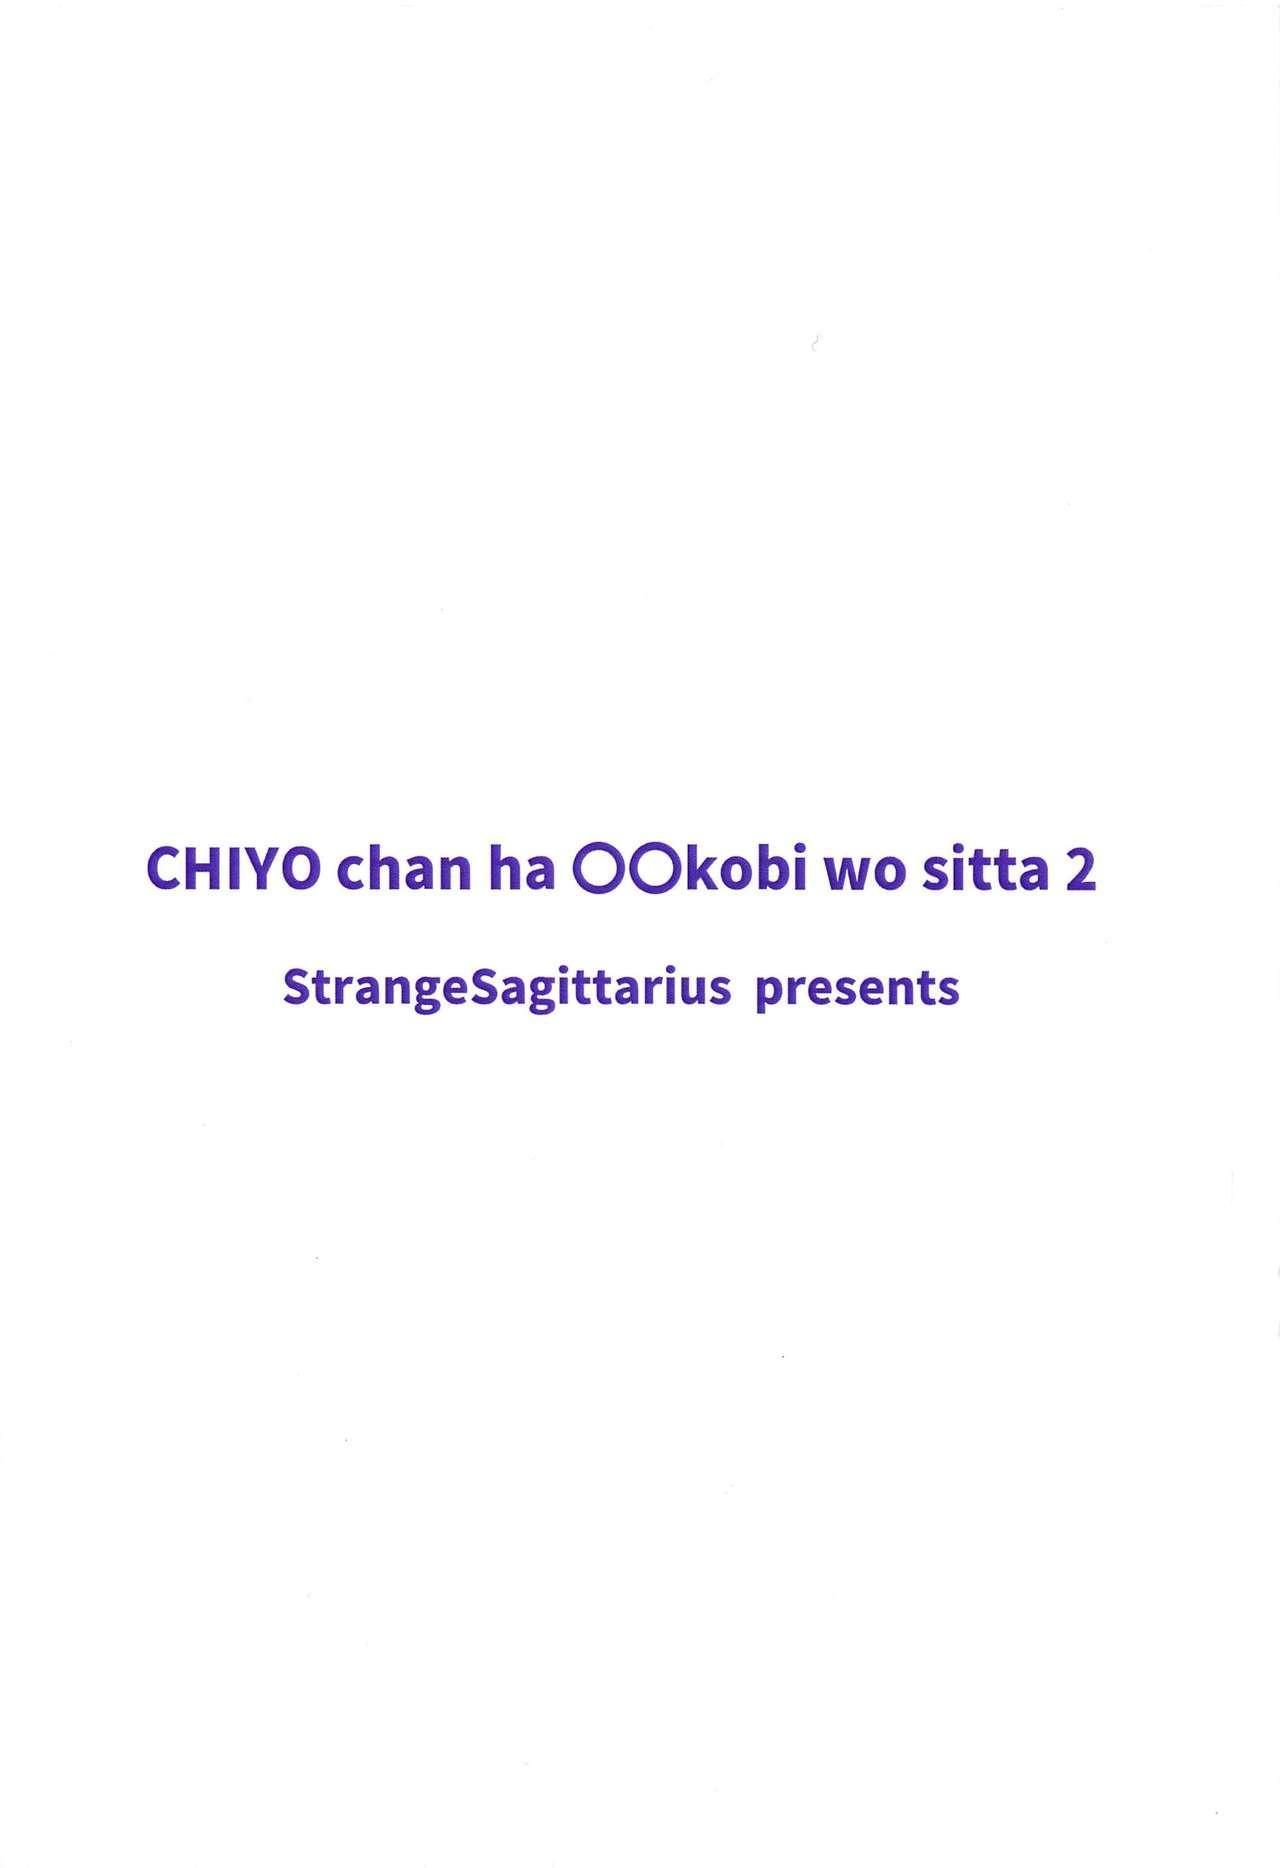 Chiyo-chan wa ○○kobi o Shitta 2 25